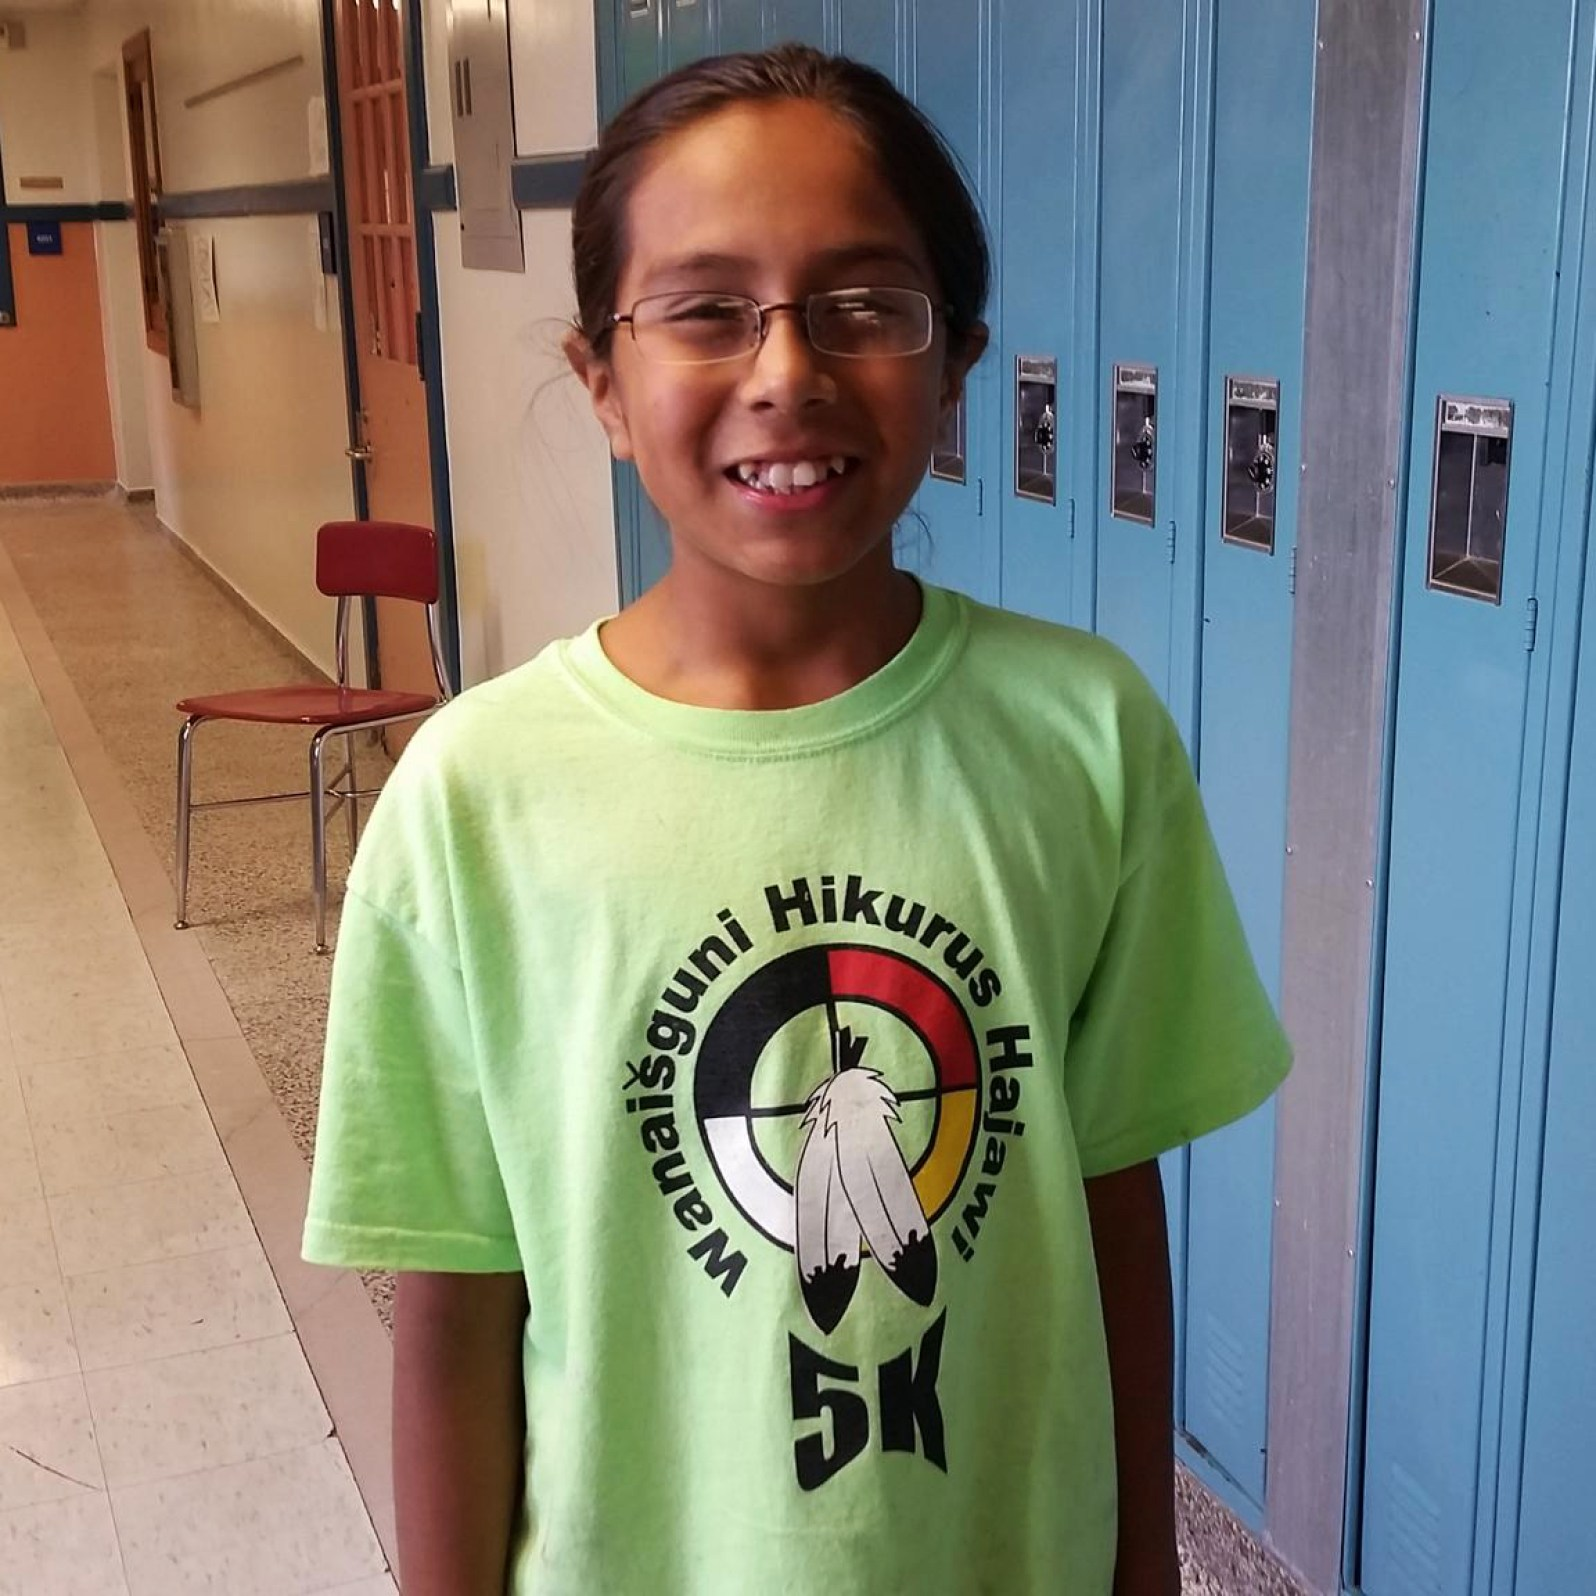 Sixth grader Santino Decory, 11, is representing his fellow native students as an AIMS ambassador. (Next Gen Radio/Angela Nguyen)